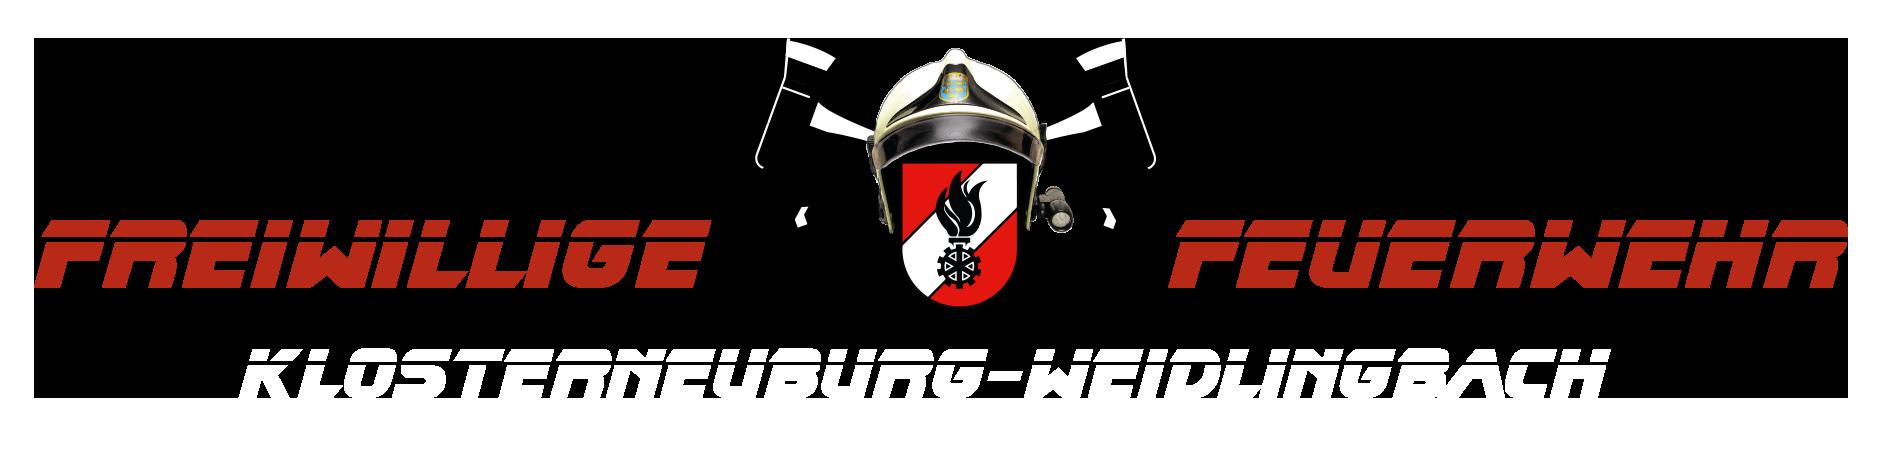 FFweidlingbachKlbg_Logo_zweizeiler